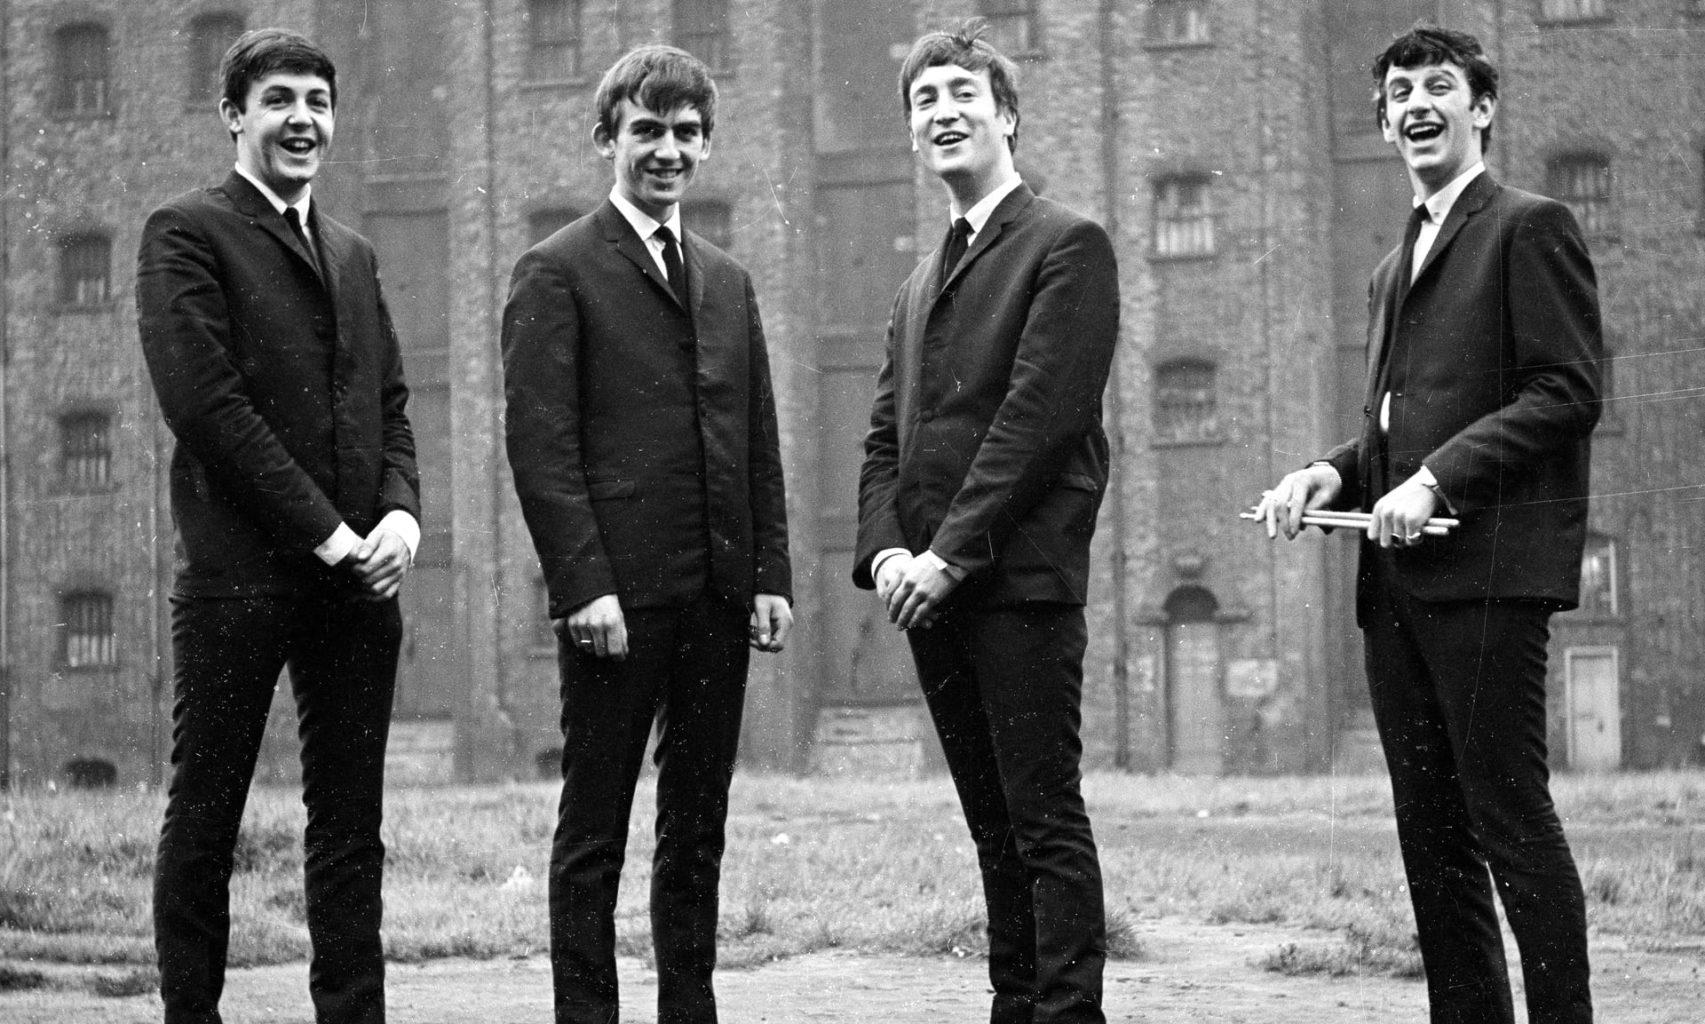 The Beatles группа музыка Великобритания 1960-ые Джон Леннон Пол Маккартни Ринго Стар